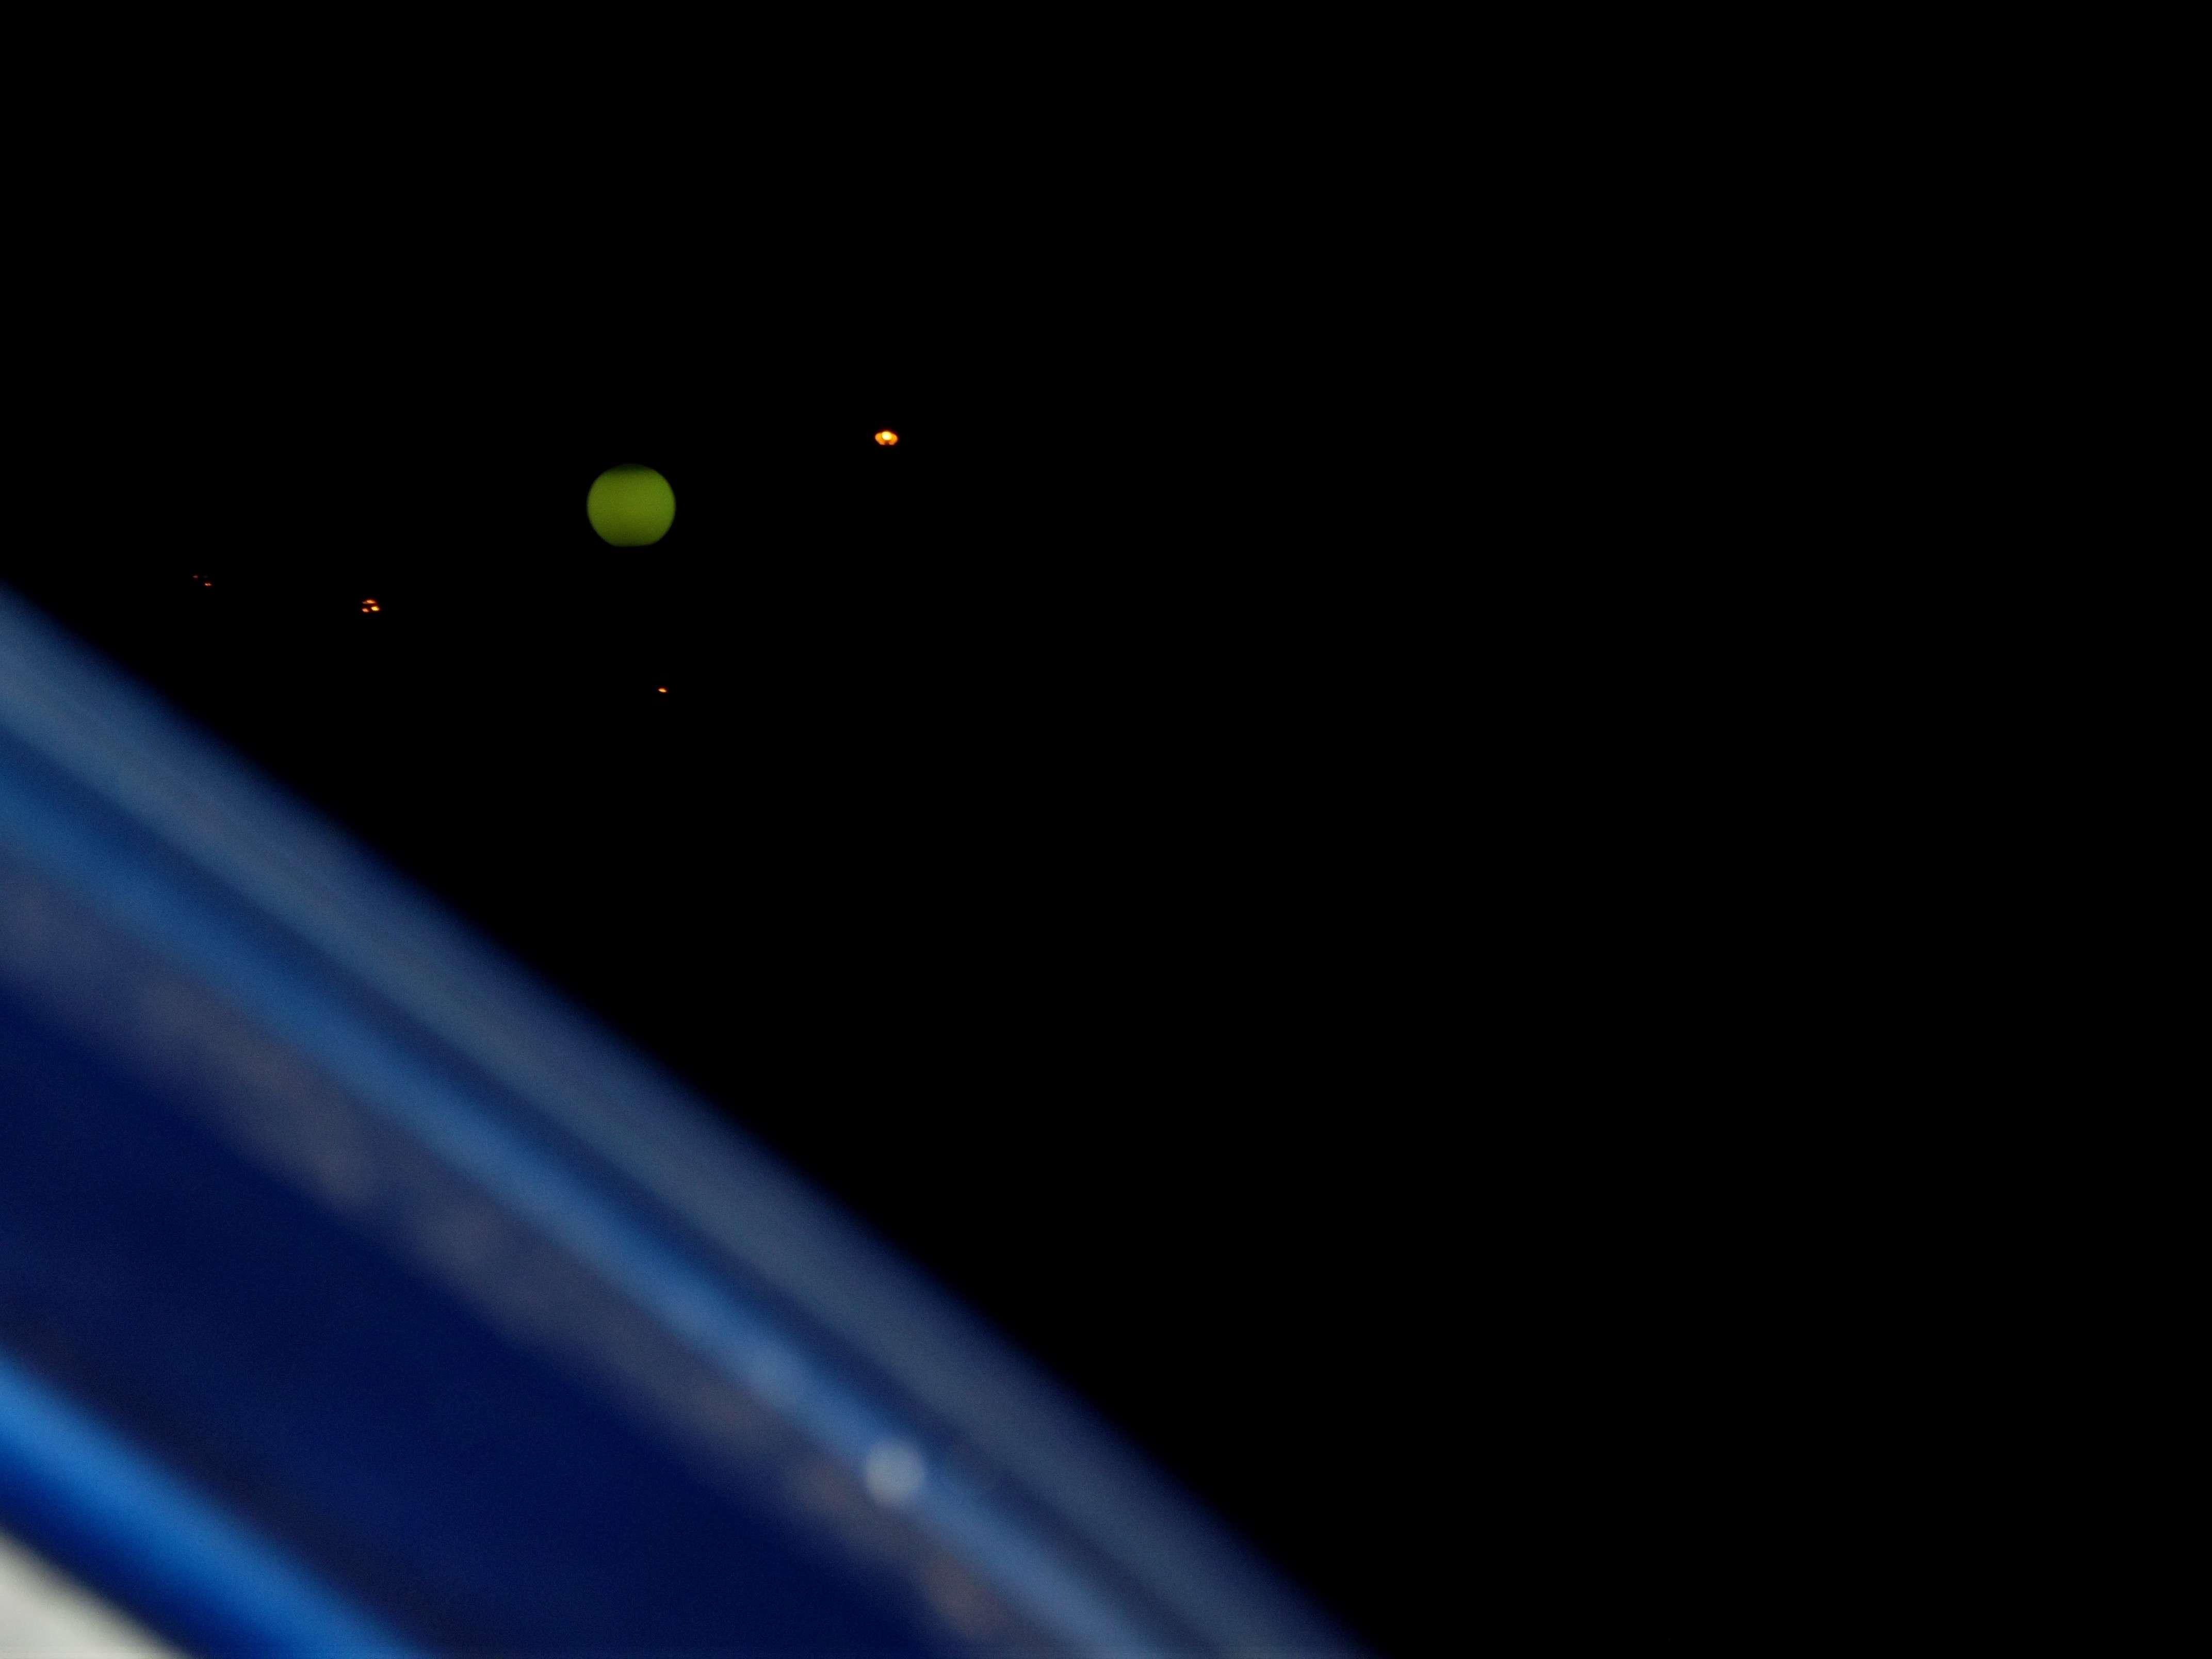 2012: le 19/01 à environ 23h08 - Boules lumineuses - Dunkerque (59)  Dscf3111